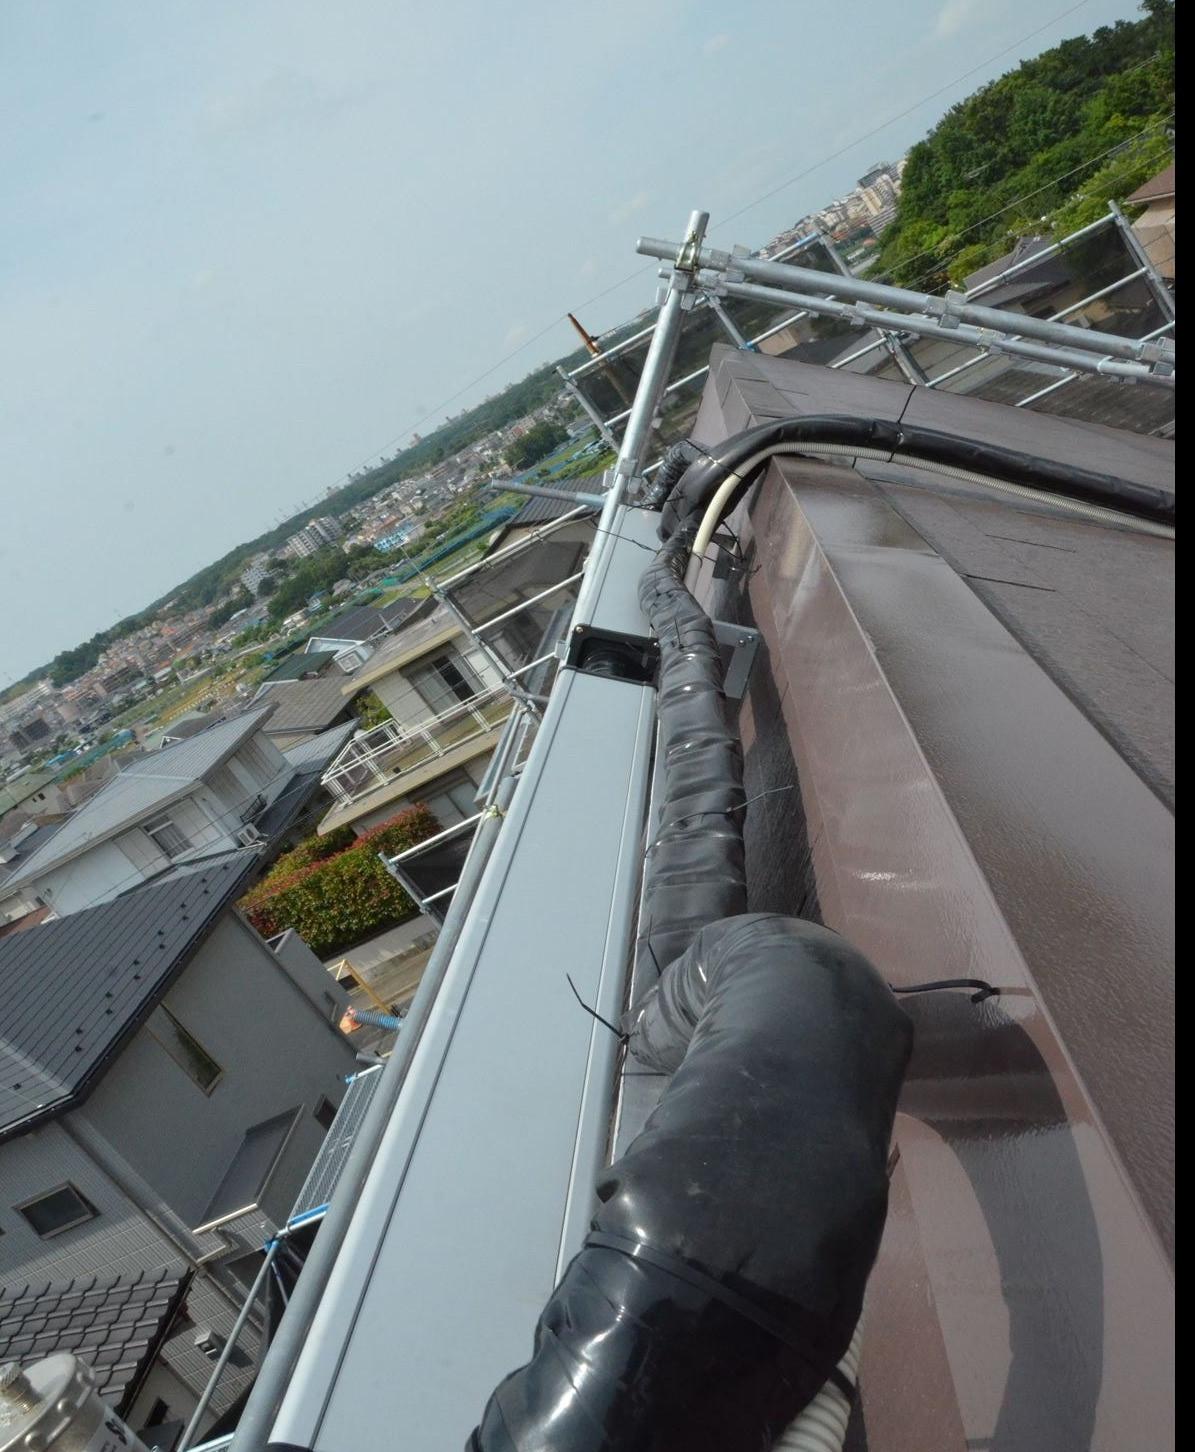 横浜市A様邸 太陽熱温水器設置 分離型強制循環熱交換式プレミアム